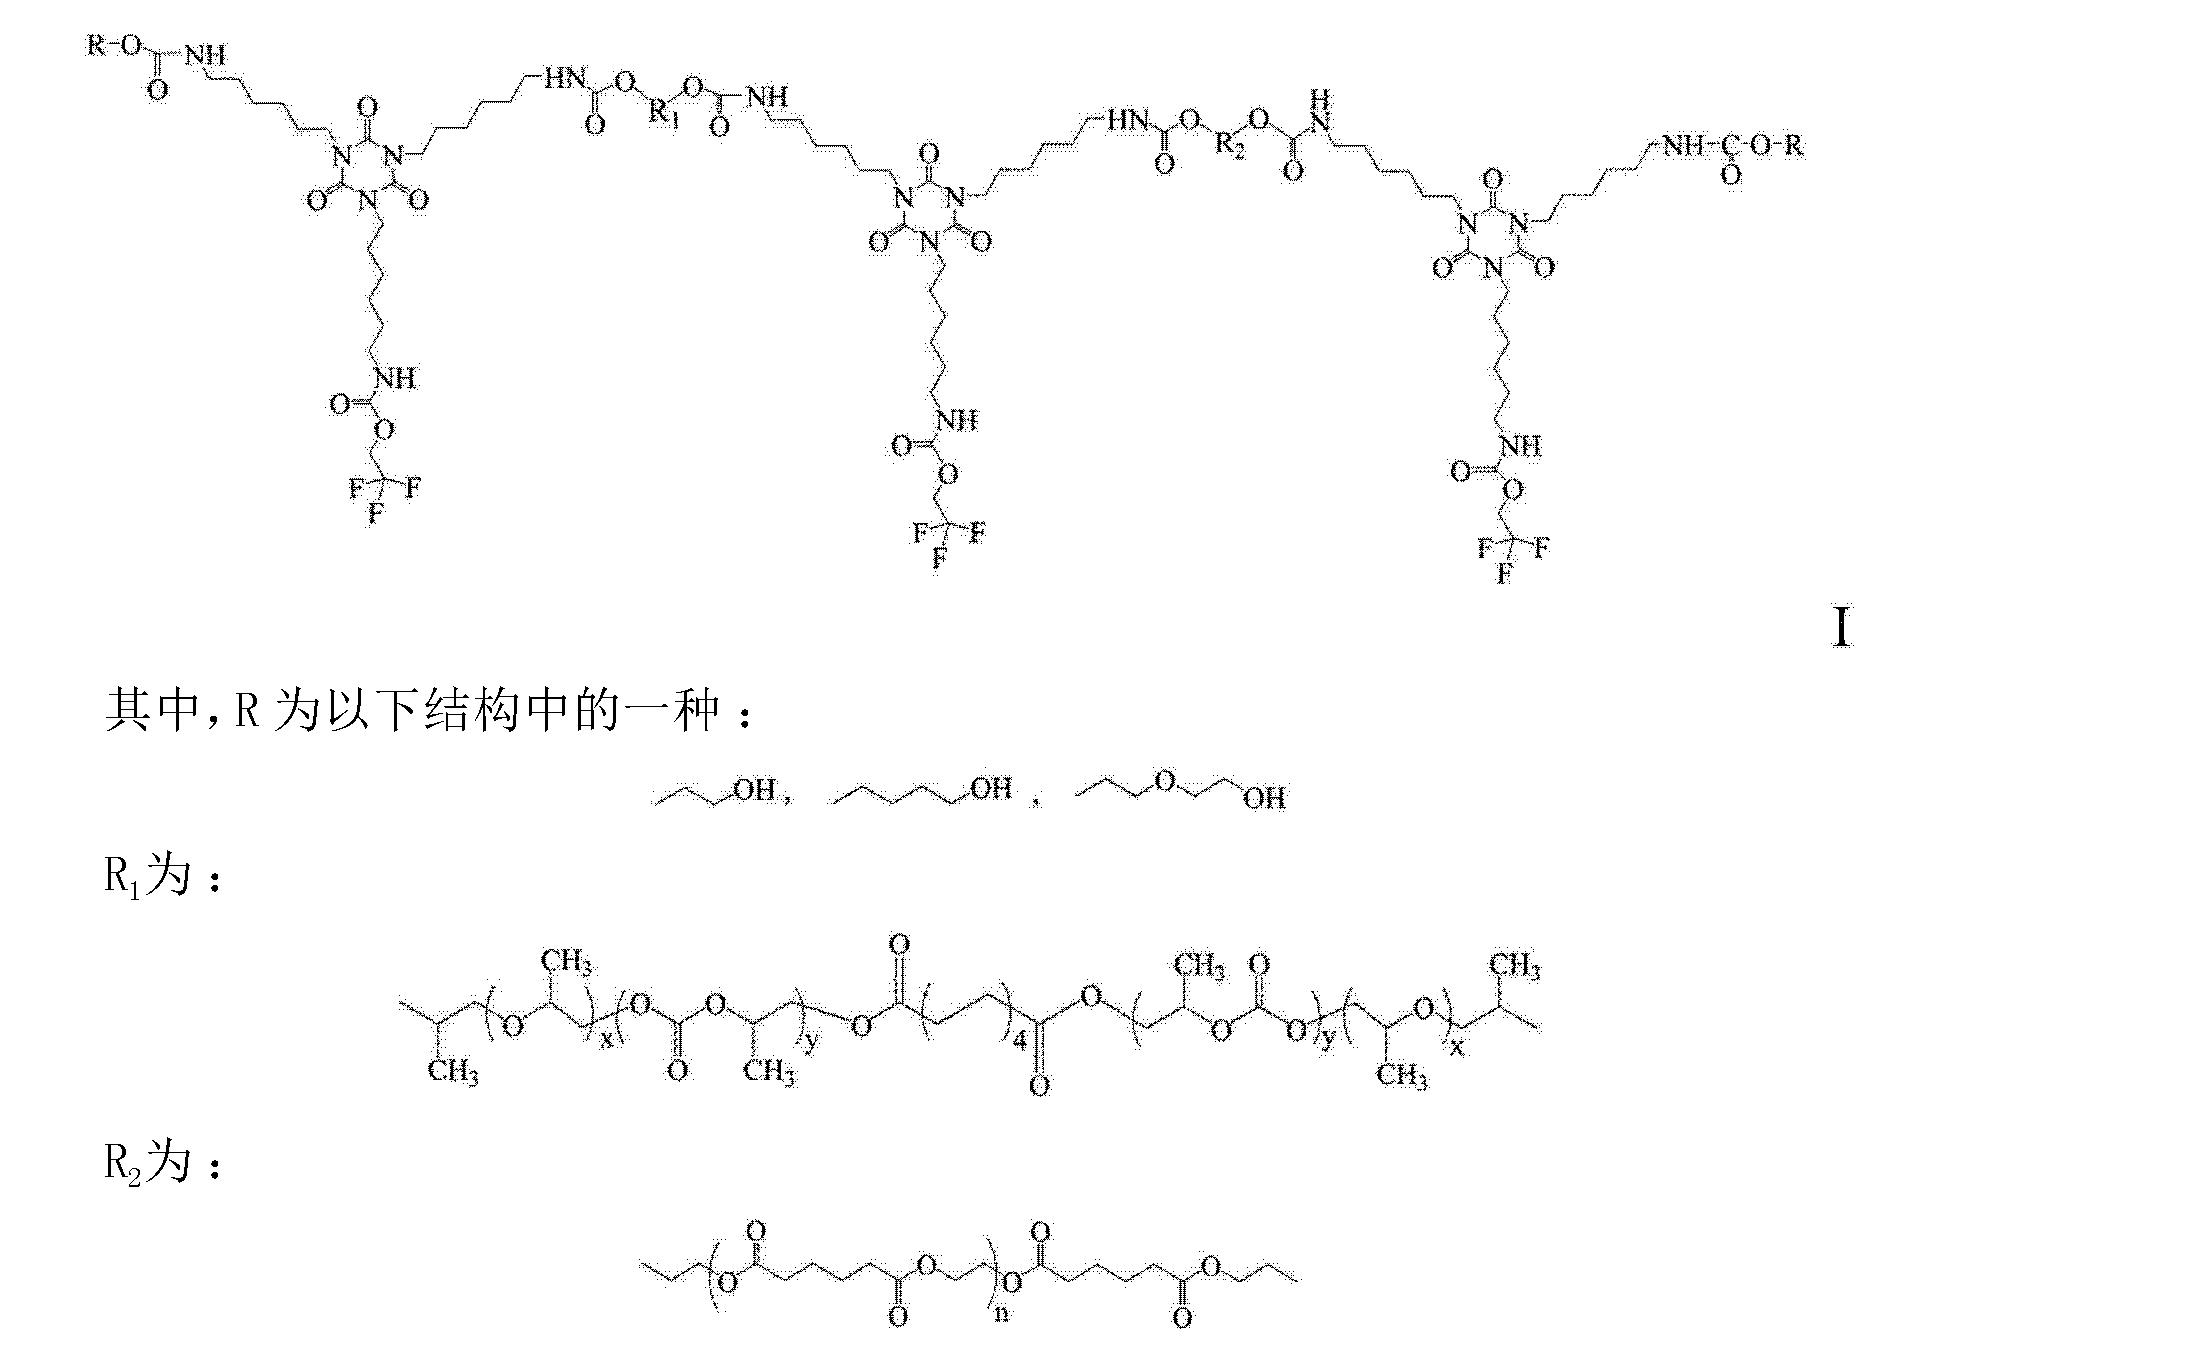 浆料消泡剂_Patent CN104744669A - 耐黄变二氧化碳基聚氨酯皮革树脂以及含有该 ...